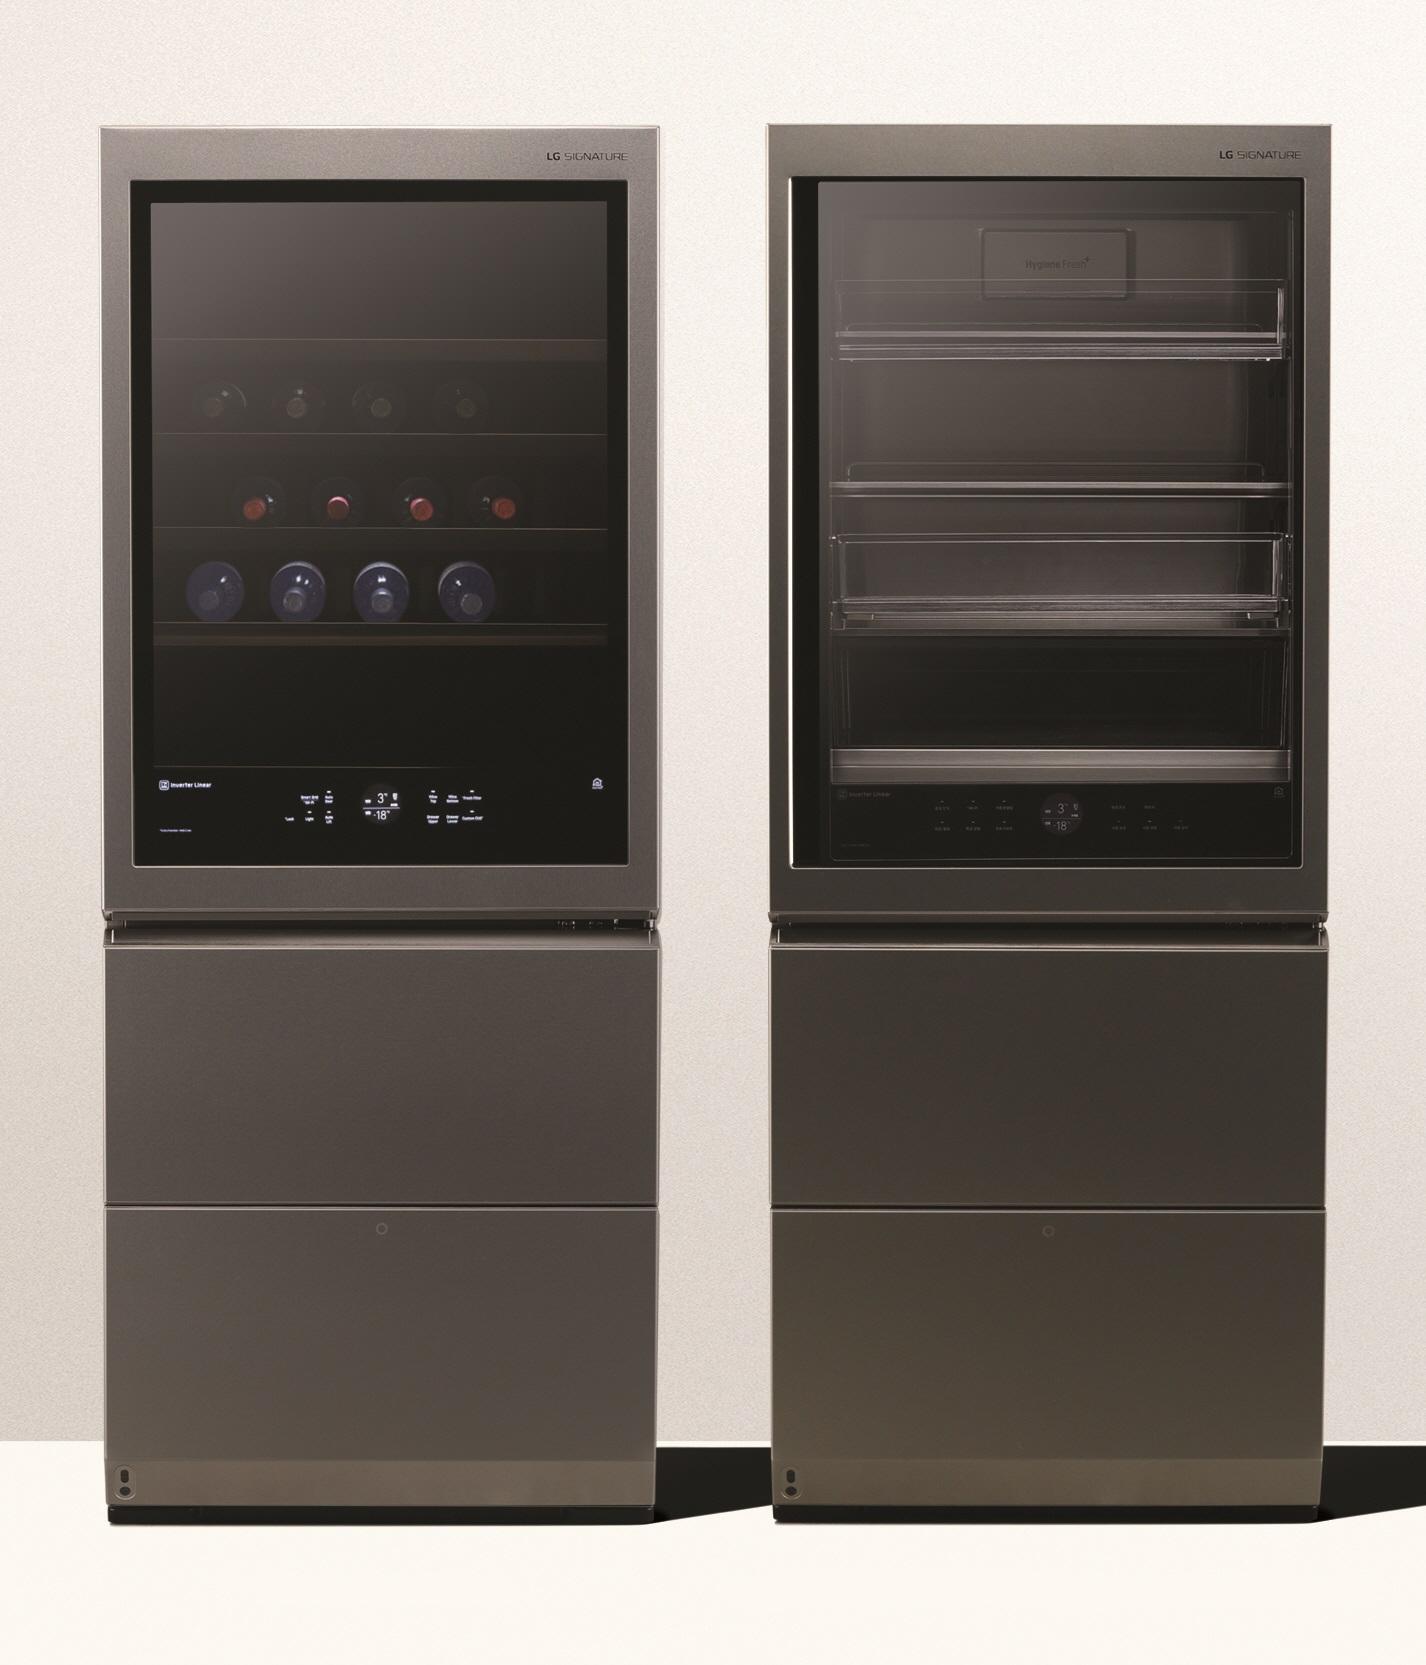 세계 3대 디자인상인 '레드닷 디자인 어워드(Red Dot Design Award)'에서 최고상(Best of the Best)을 받은 LG 시그니처 상냉장 하냉동 냉장고 디자인